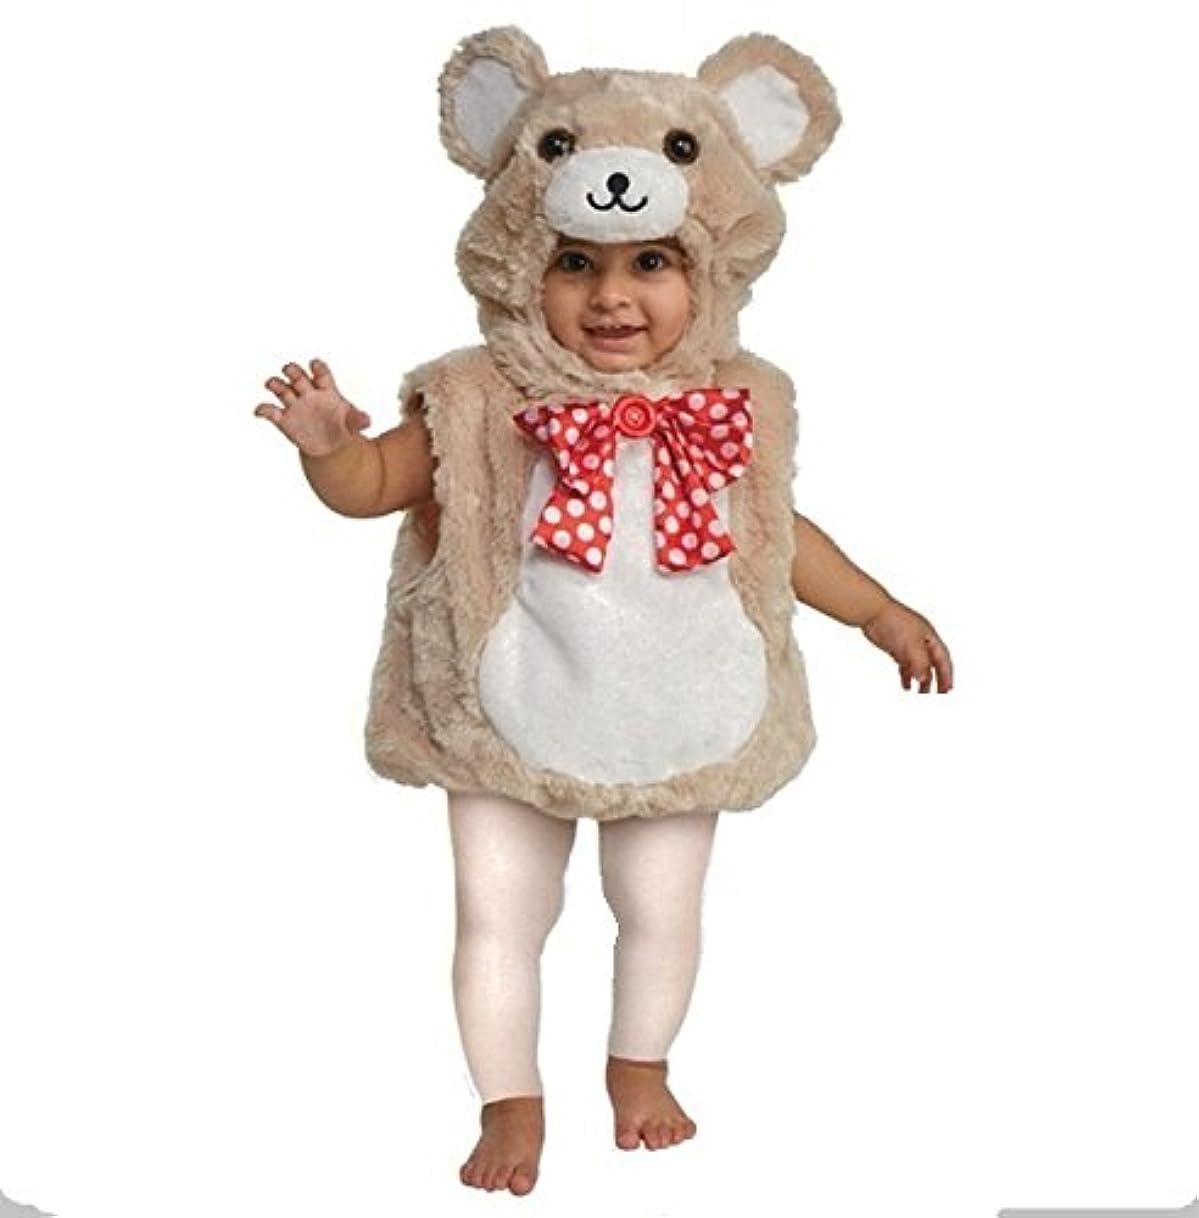 馬鹿仮定、想定。推測大胆BOO BABIES 可愛い クマさんのコスチューム 9から18か月 ベビー着ぐるみ 赤ちゃん くま カバーオール ロンパース キッズコスチューム 男の子 女の子 90 [並行輸入品]